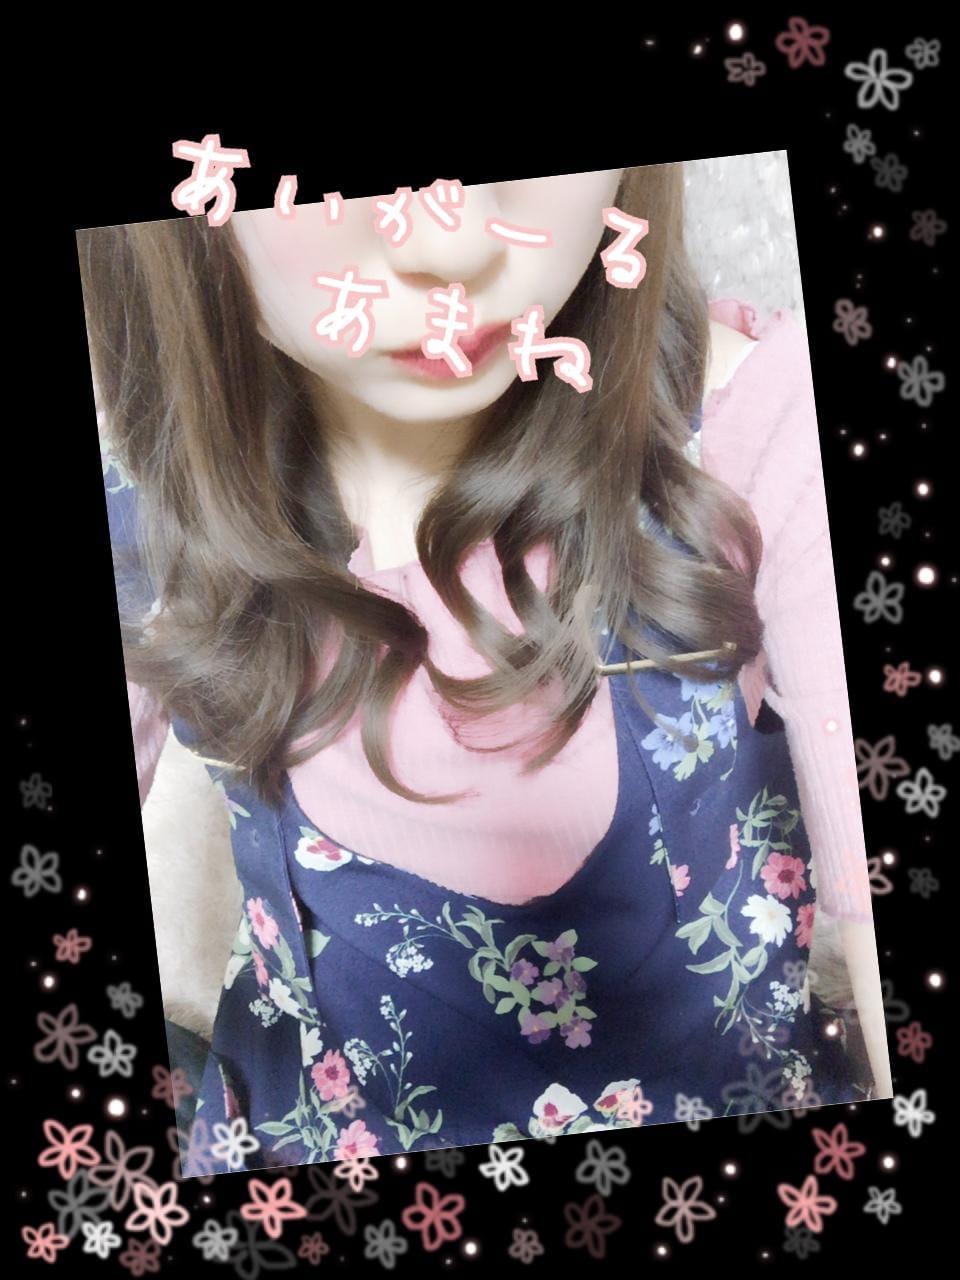 「昨日のお礼です☆」05/19(05/19) 11:42 | あまねの写メ・風俗動画